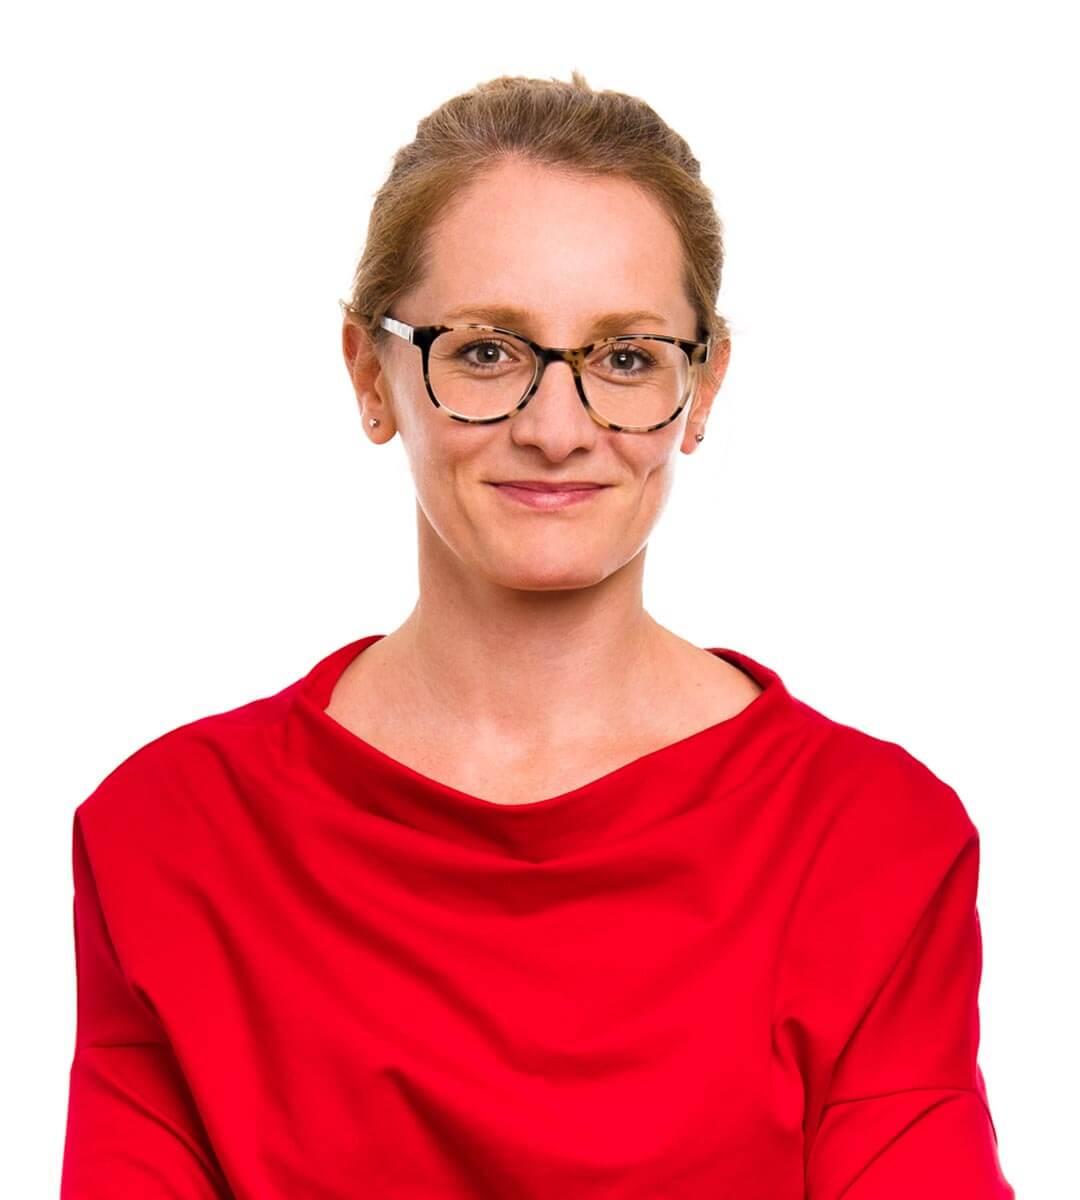 Anna Grabara